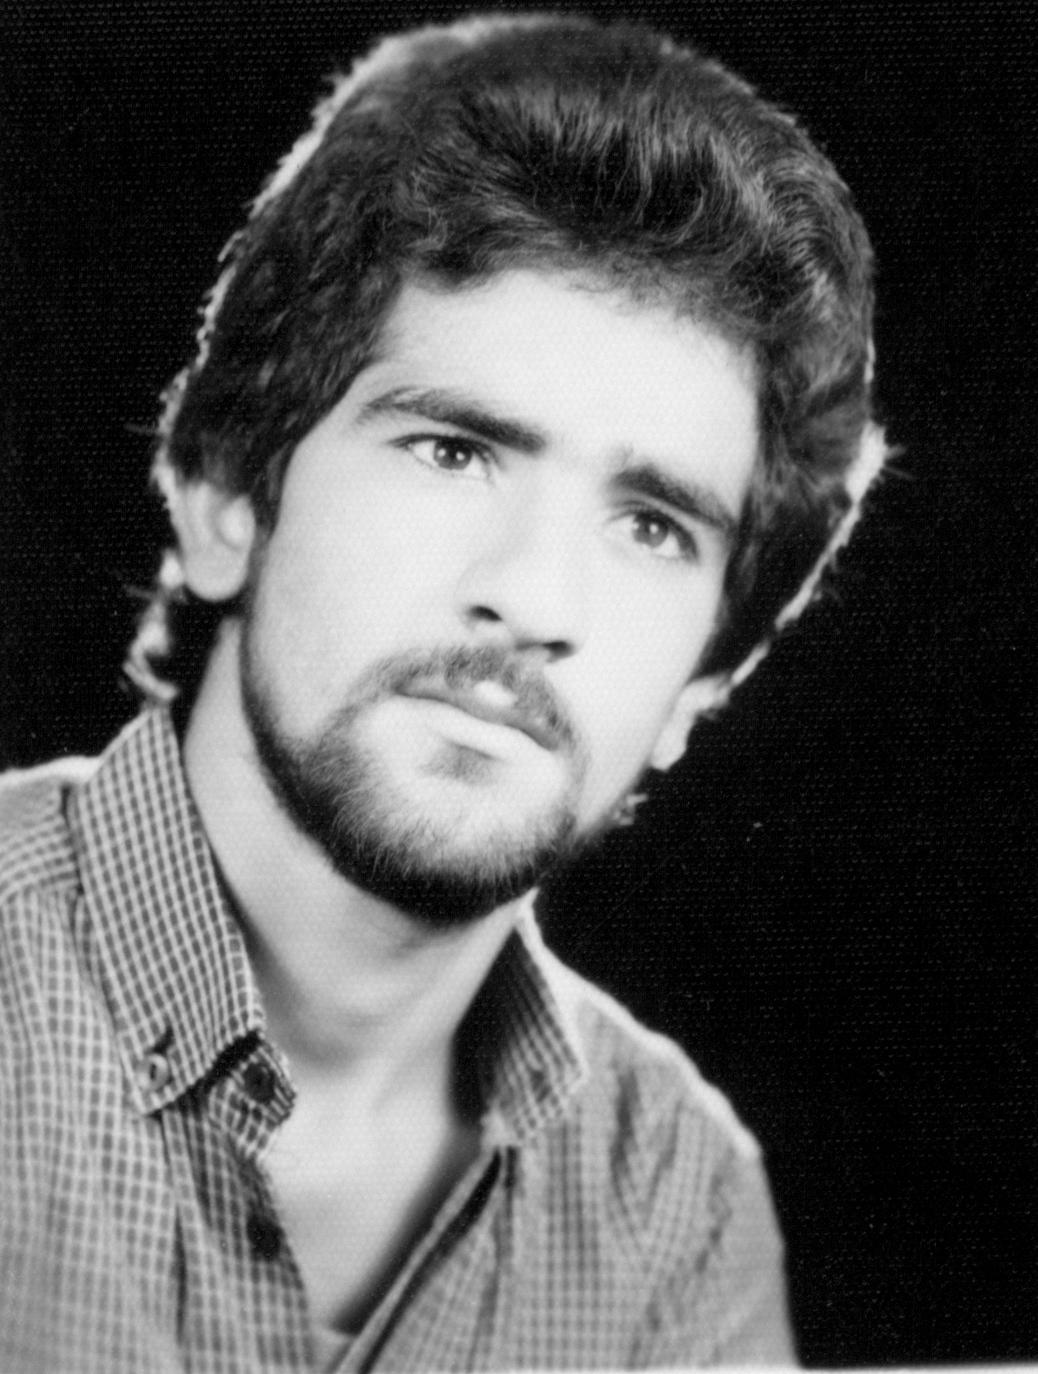 حسین جوبیان آرانی